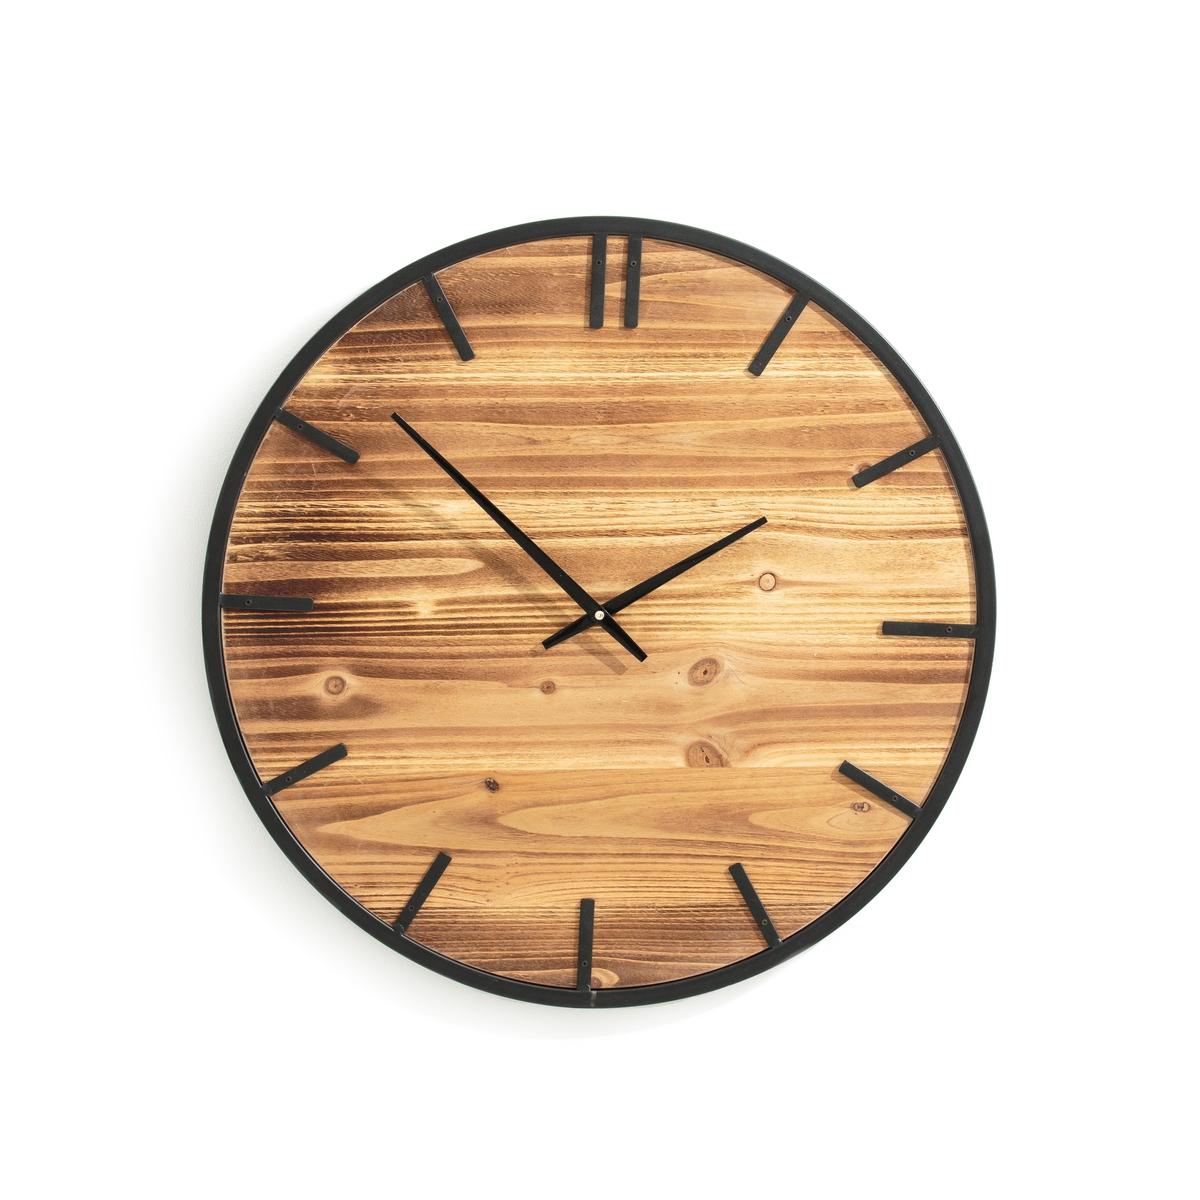 Часы XL из дерева и металла, CAMPANILAОписание:Часы из дерева и металла CAMPALINA. Внушающие размеры добавят характера в Ваш интерьер.Характеристики часов CAMPALINA :Металлический каркас с покрытием эпоксидной краской, деревянный фон с кварцевым механизмом. Батарейка типа AA на 1,5 В (в комплект не входит), 1 крючок для настенного крепления (шурупы и дюбели в комплект не входят)Размеры часов CAMPALINA :Диаметр : 60 см Глубина : 3,5 см<br><br>Цвет: дерево